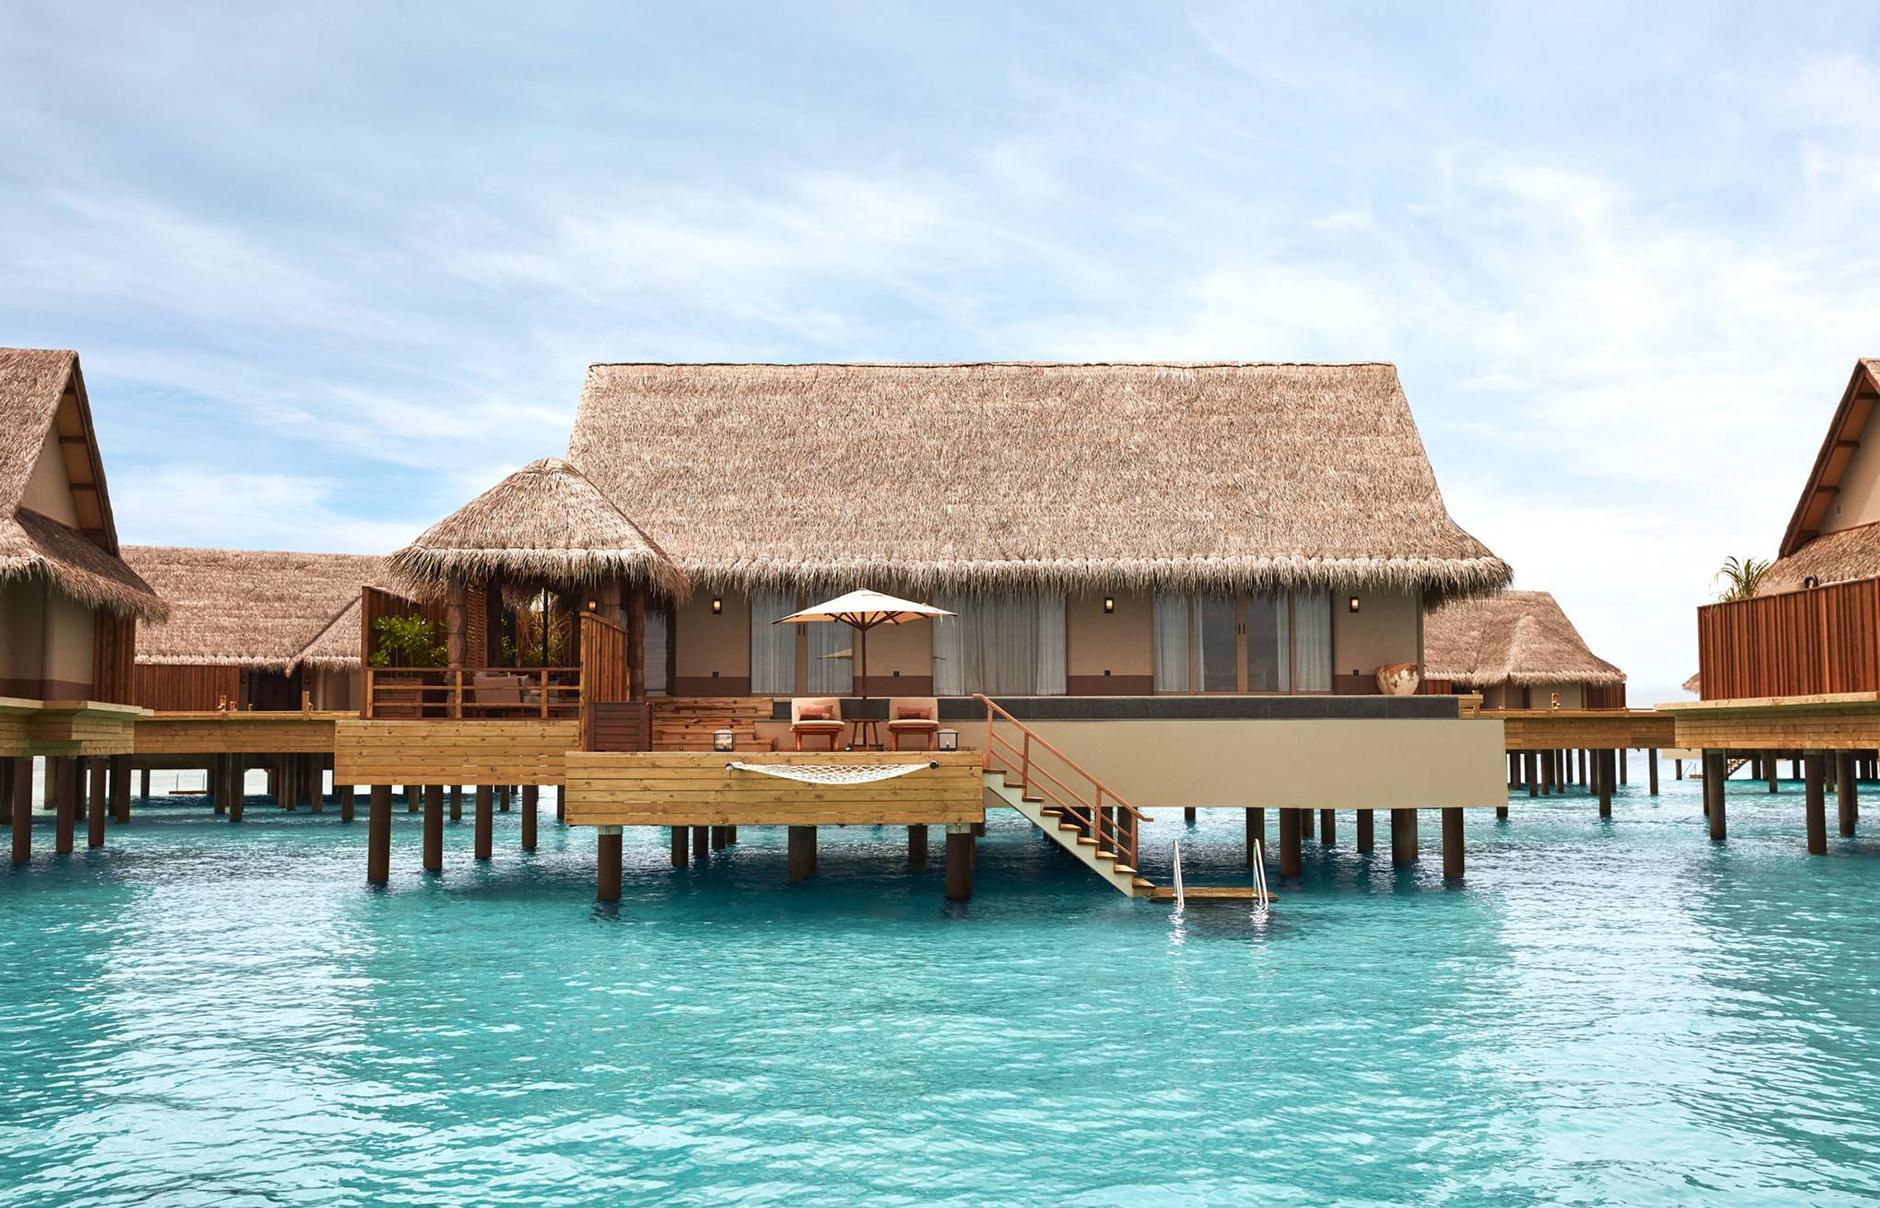 Acasă, ca-n Maldive și Bali. Locuri din România care arată ca insulele din Oceanul Indian - VIDEO